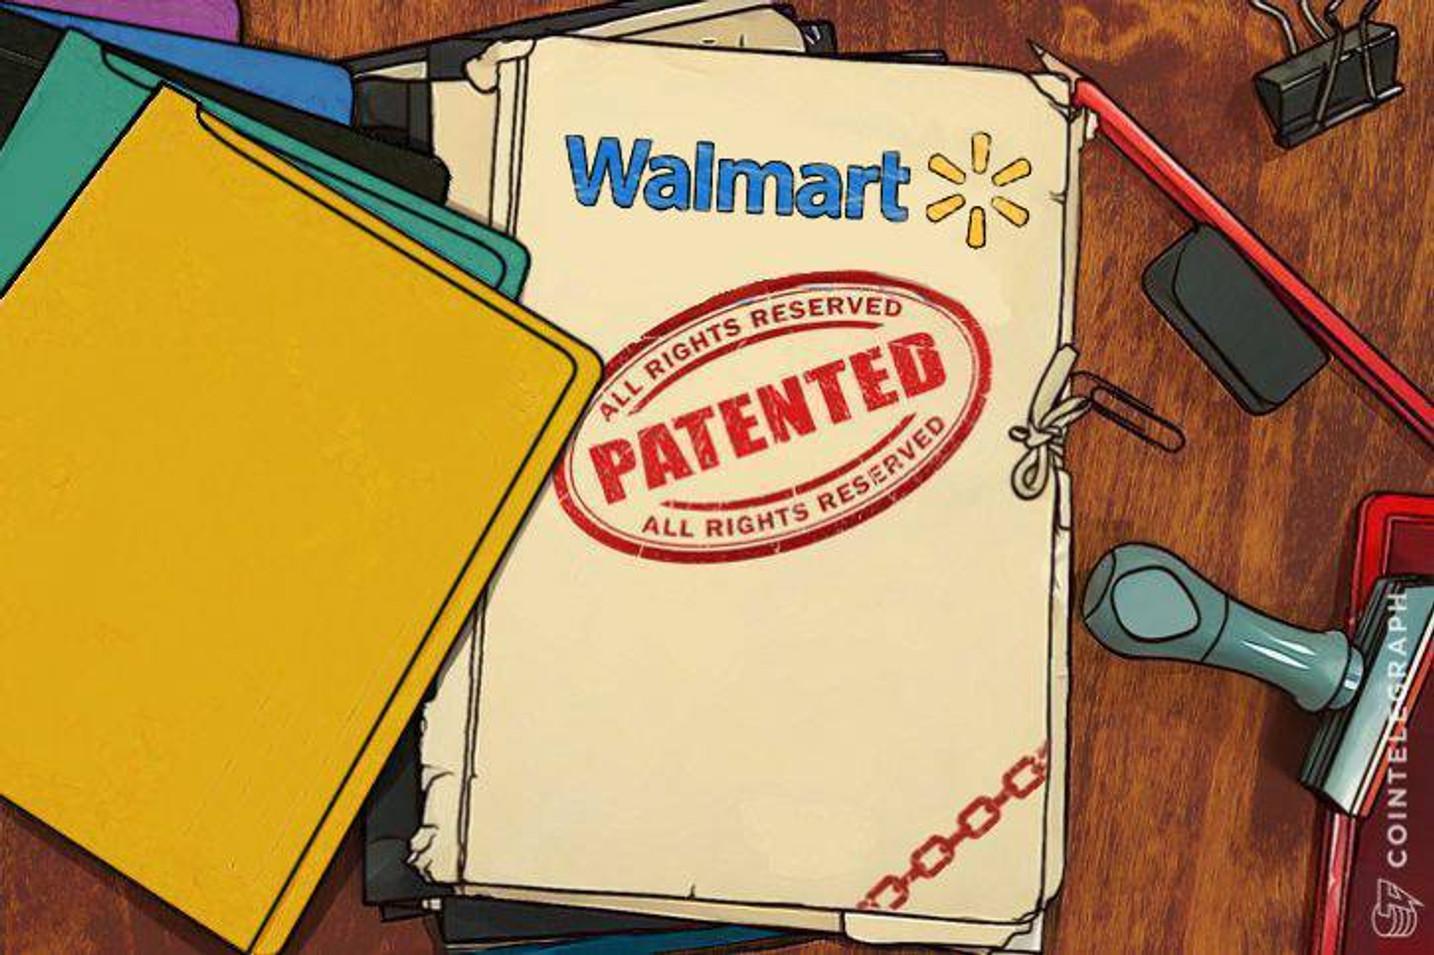 Walmart obtiene patente para sistema de administración de consumo de energía criptoeléctrica